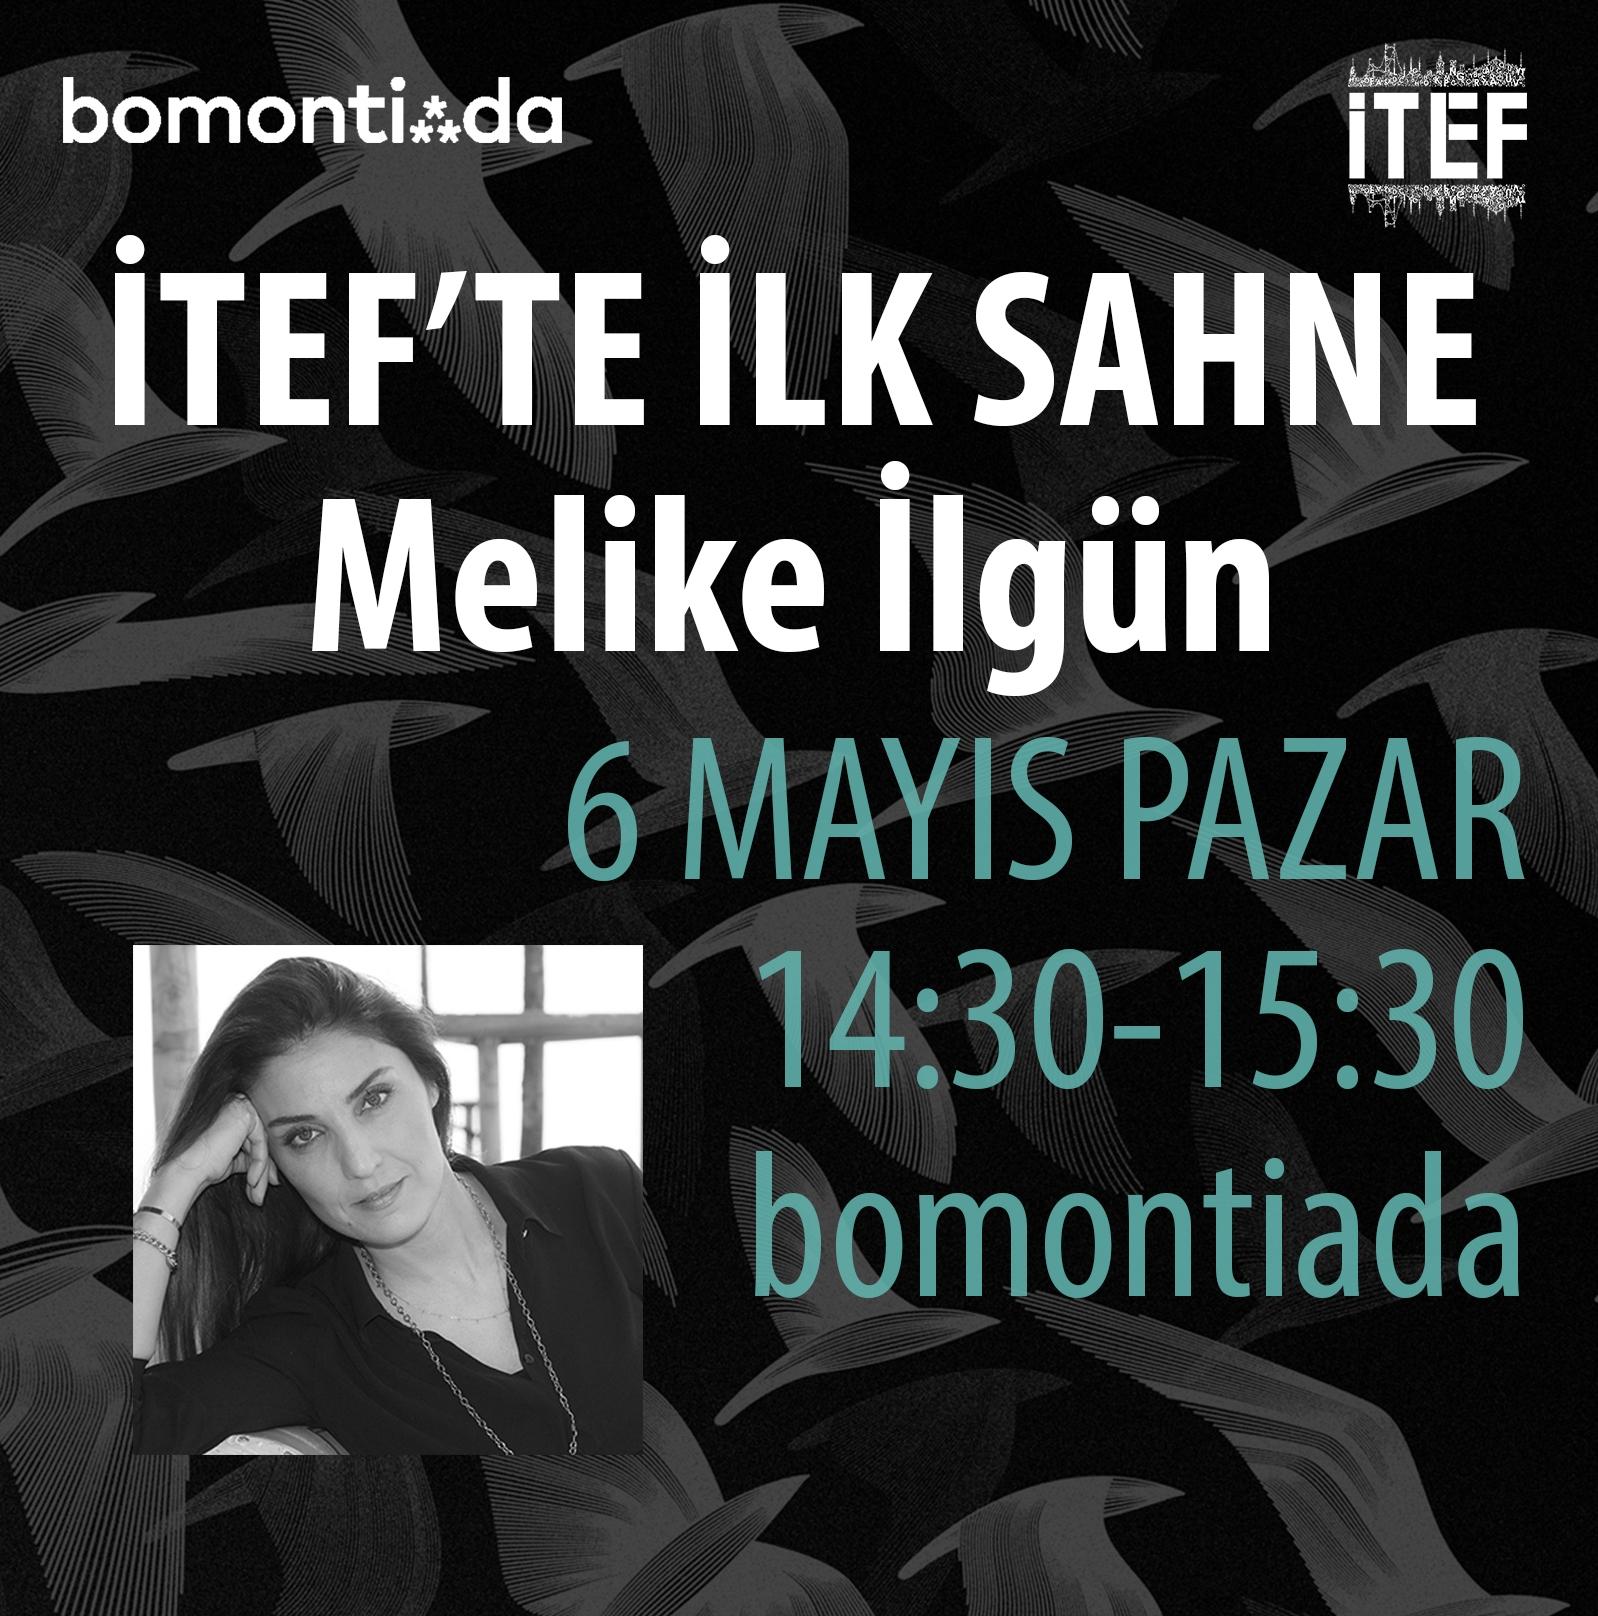 İTEF te İLK SAHNE – Melike İlgün ITEF Bomontiada sahnesinde okurlarıyla buluşuyor!